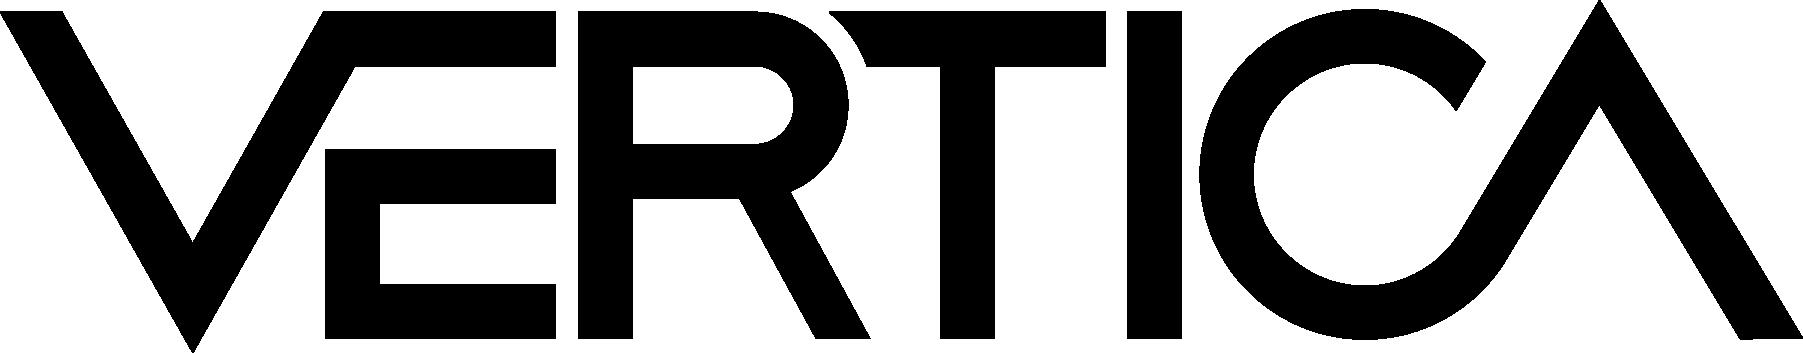 vertica-logo.png